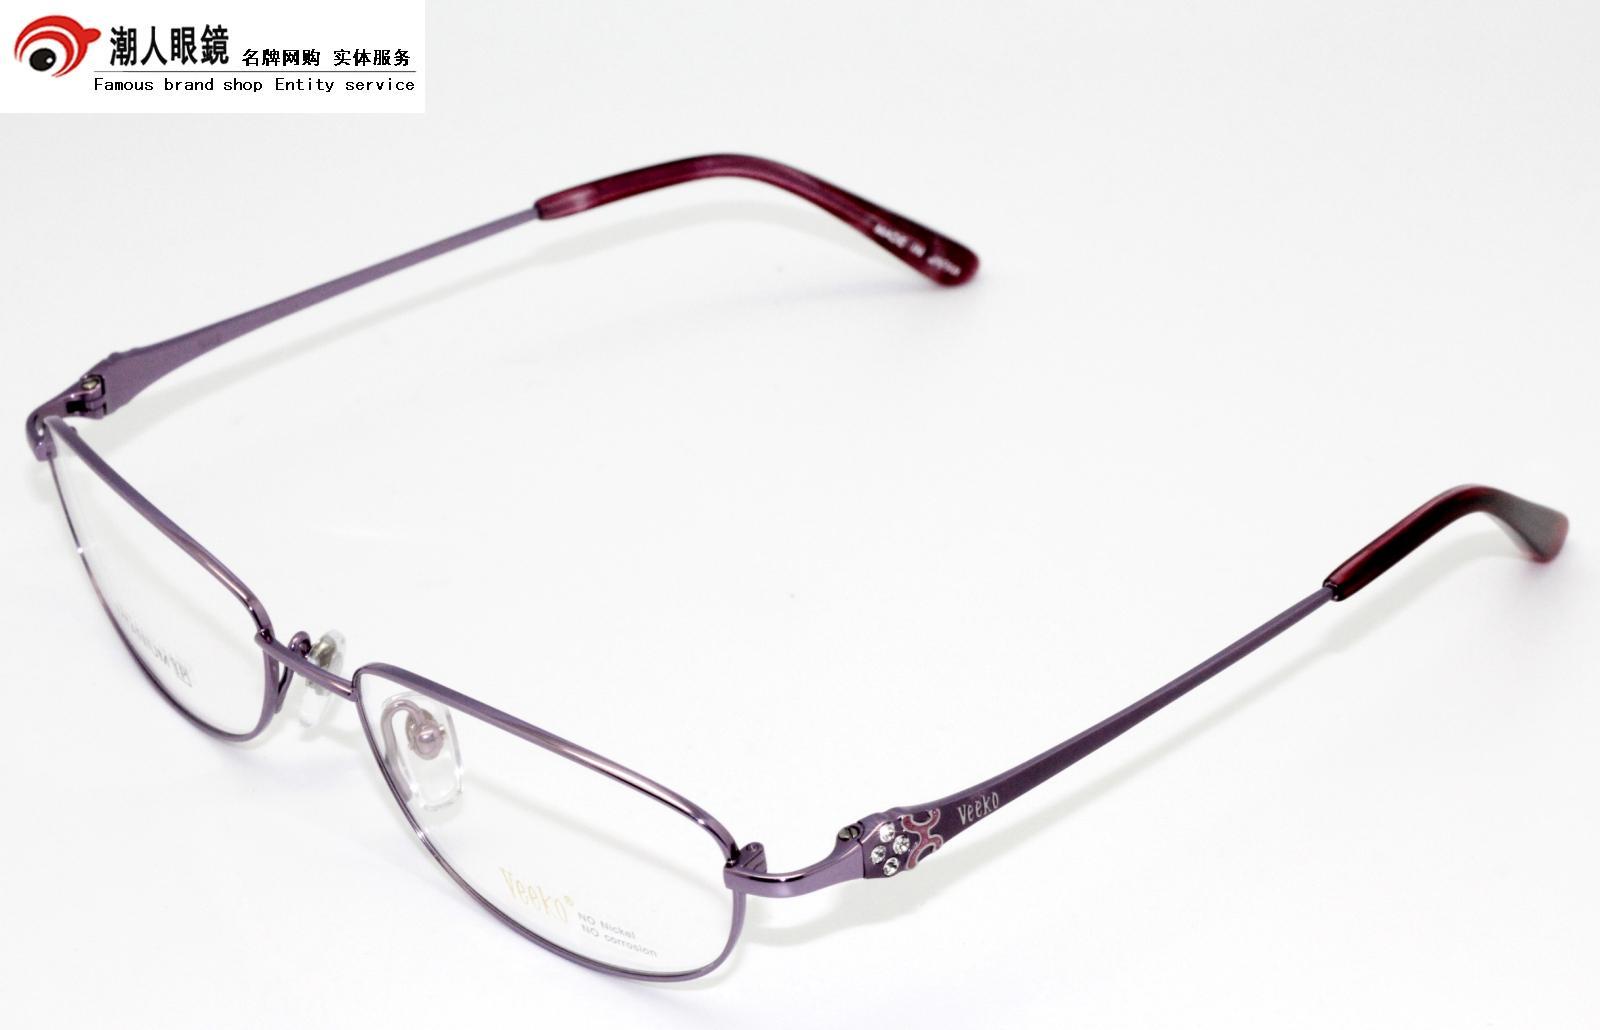 名镜坊 眼镜框 女款近视眼镜 VEEKO威高眼镜架3803 全框纯钛 价格:528.00